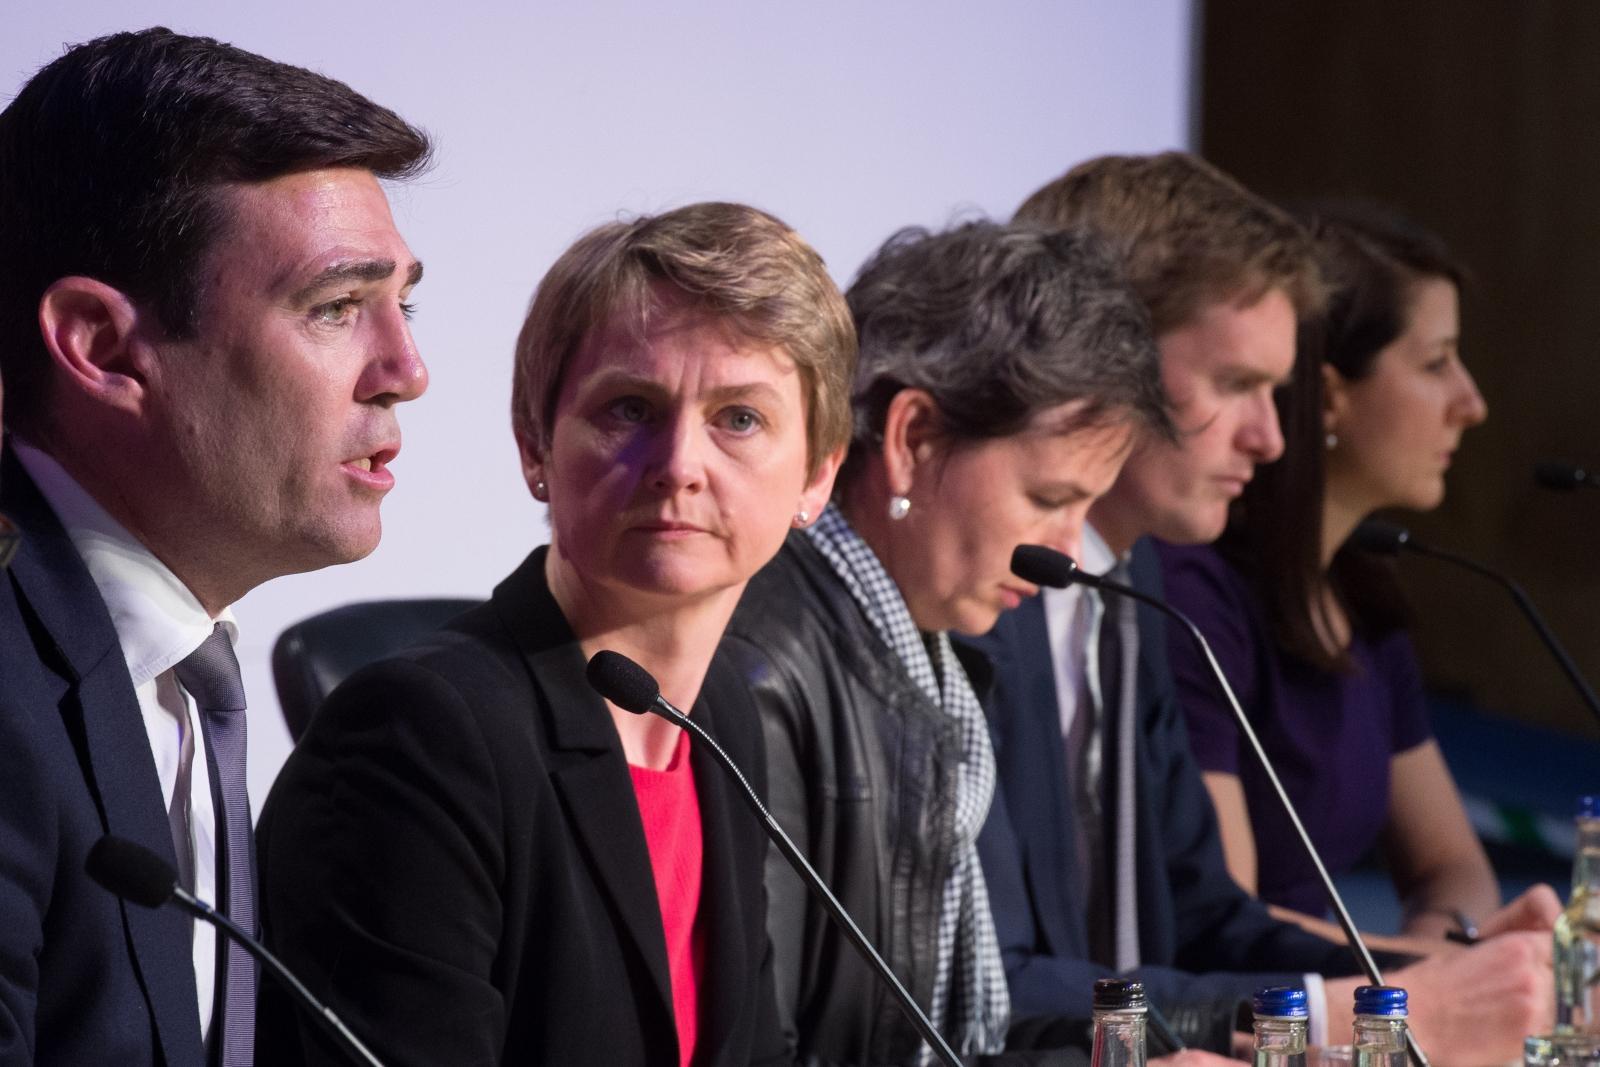 Labour hopefuls